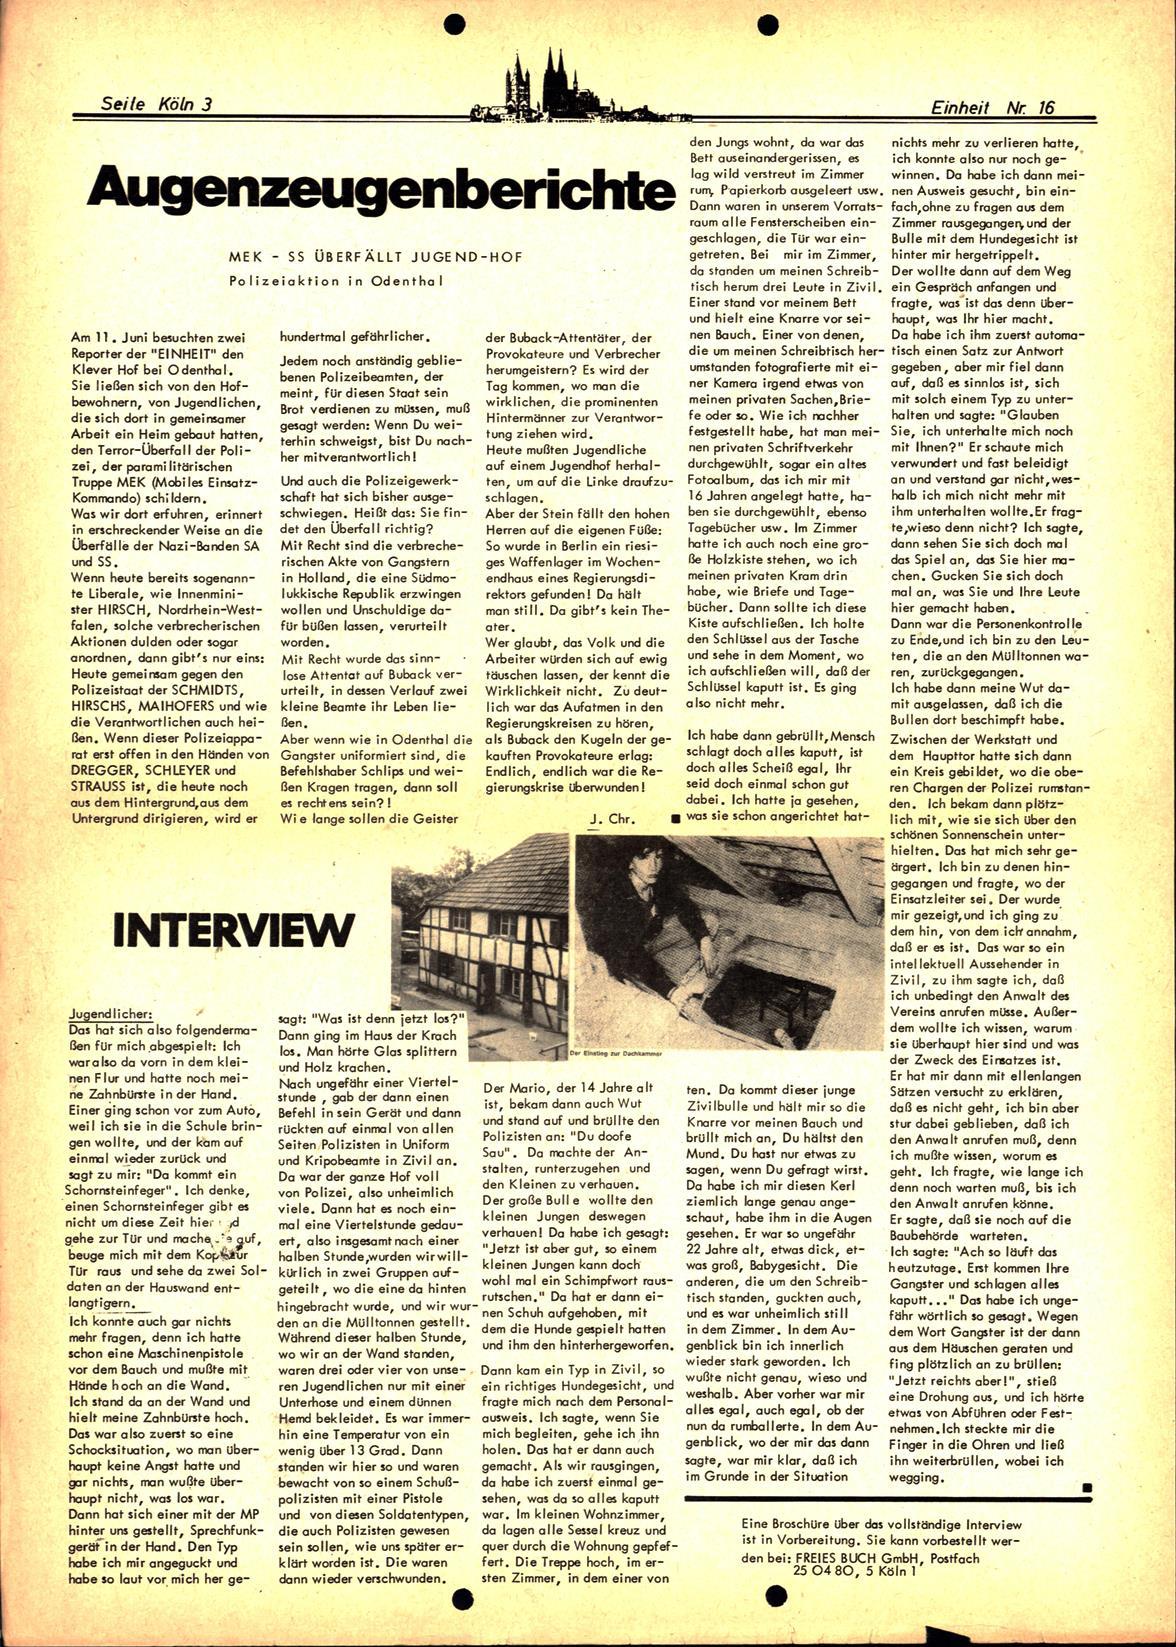 Koeln_IPdA_Einheit_1977_016_018